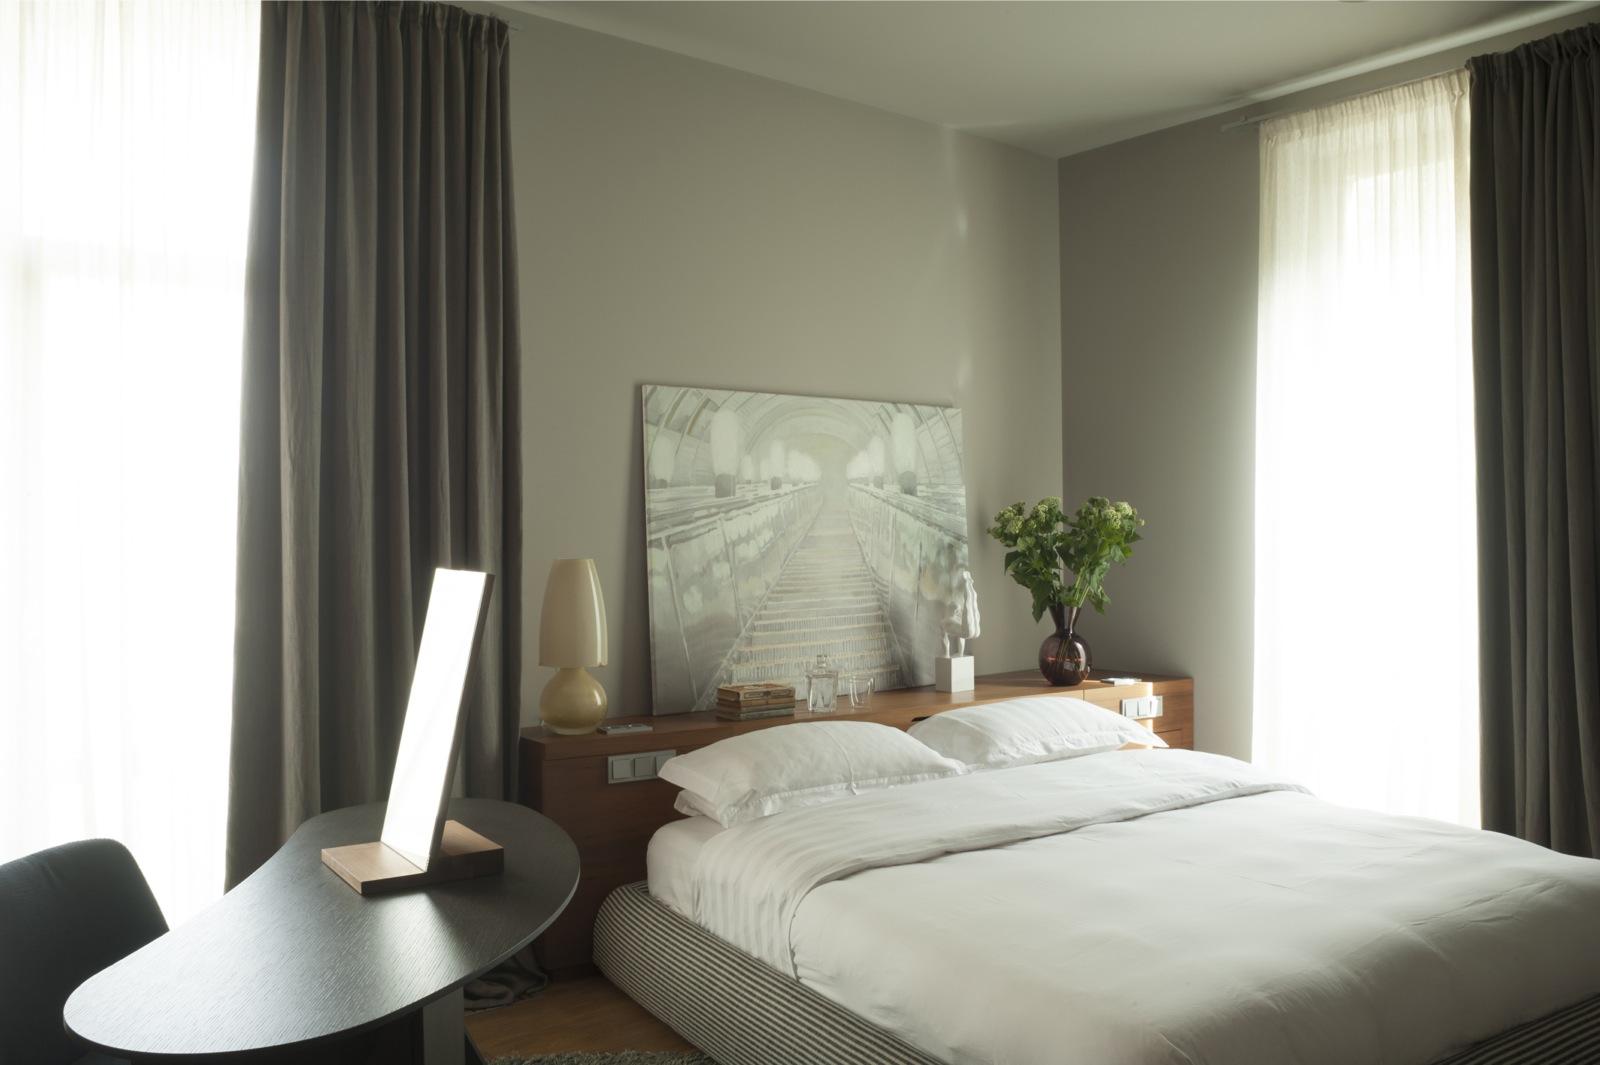 Лучшие интерьеры квартир 2014: вспомнить всё! | галерея [4] фото [6]